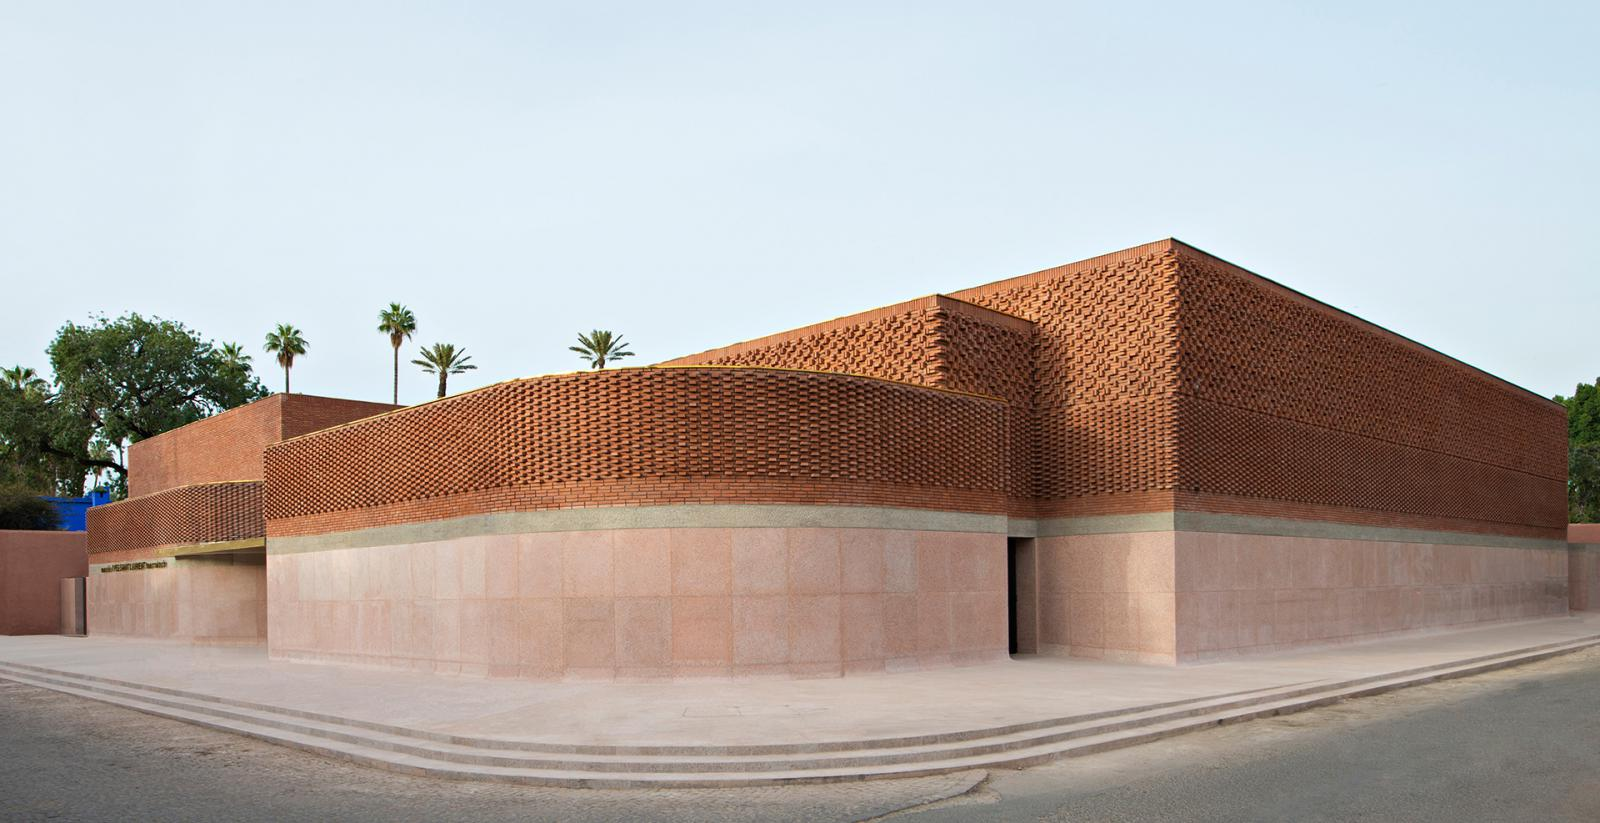 Studio KO: терракотовый памятник Иву Сен-Лорану в Марокко